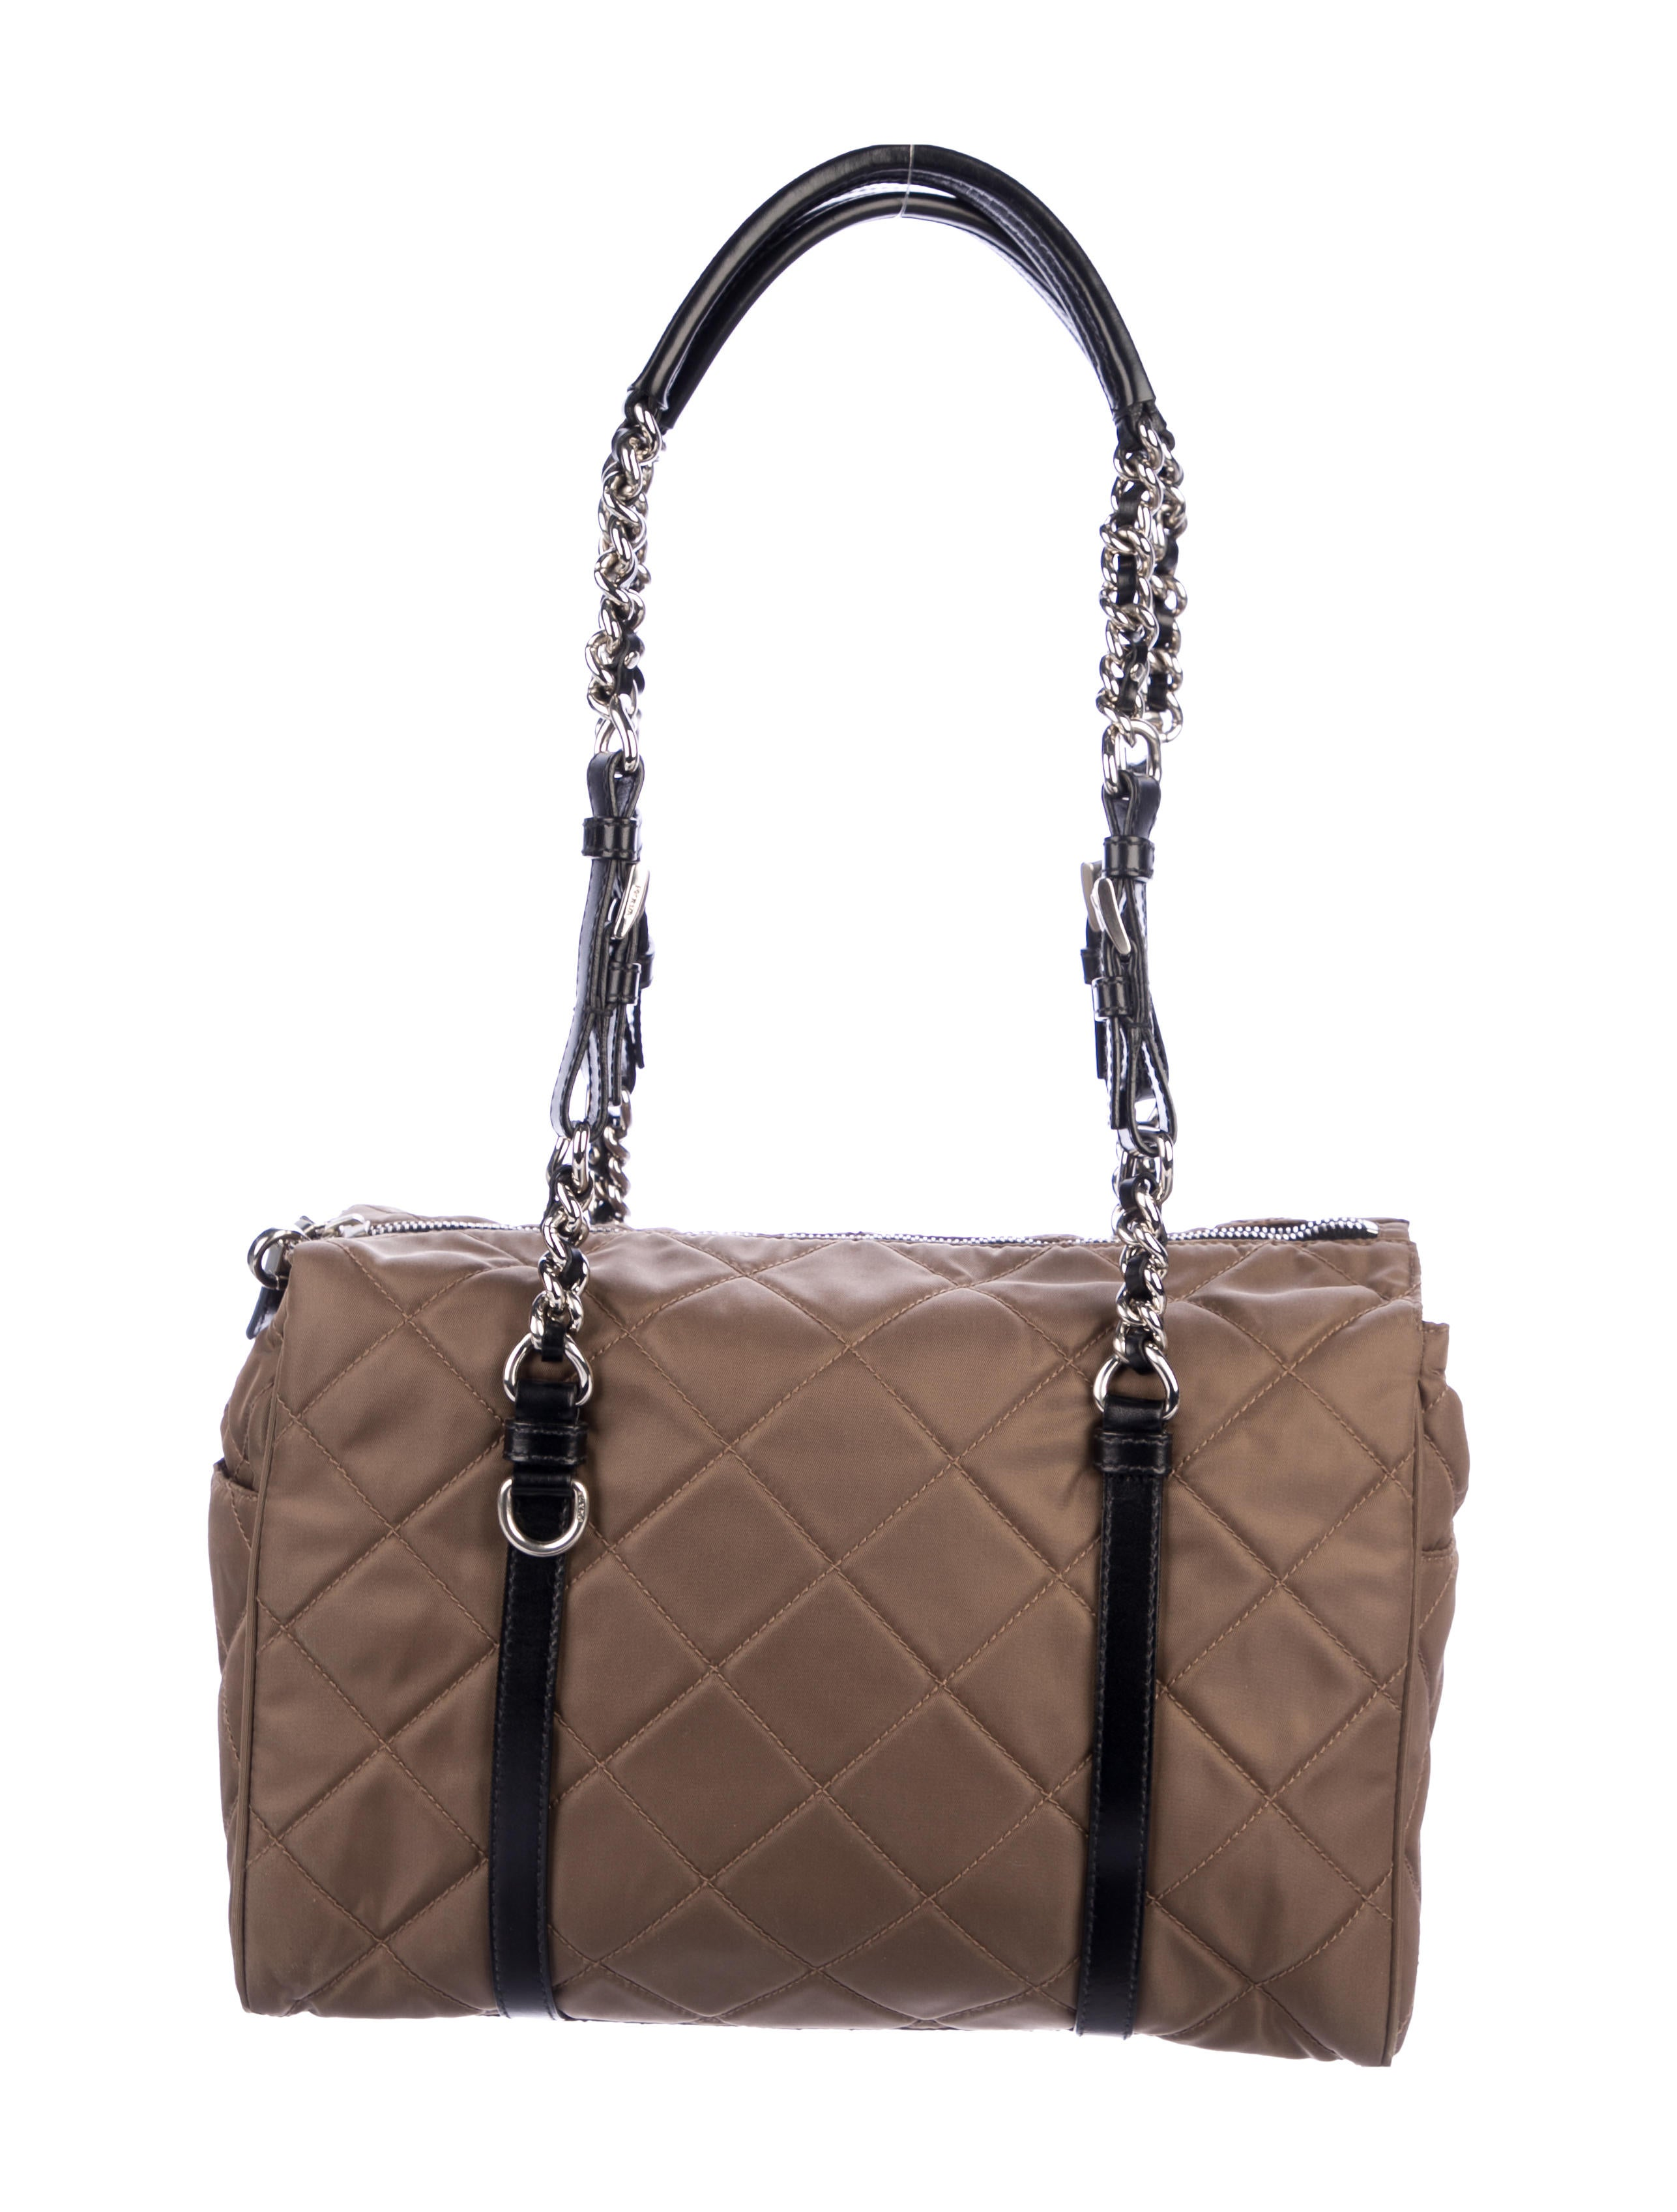 6060fa2ba2ca Prada Quilted Tessuto Shoulder Bag - Handbags - PRA279586